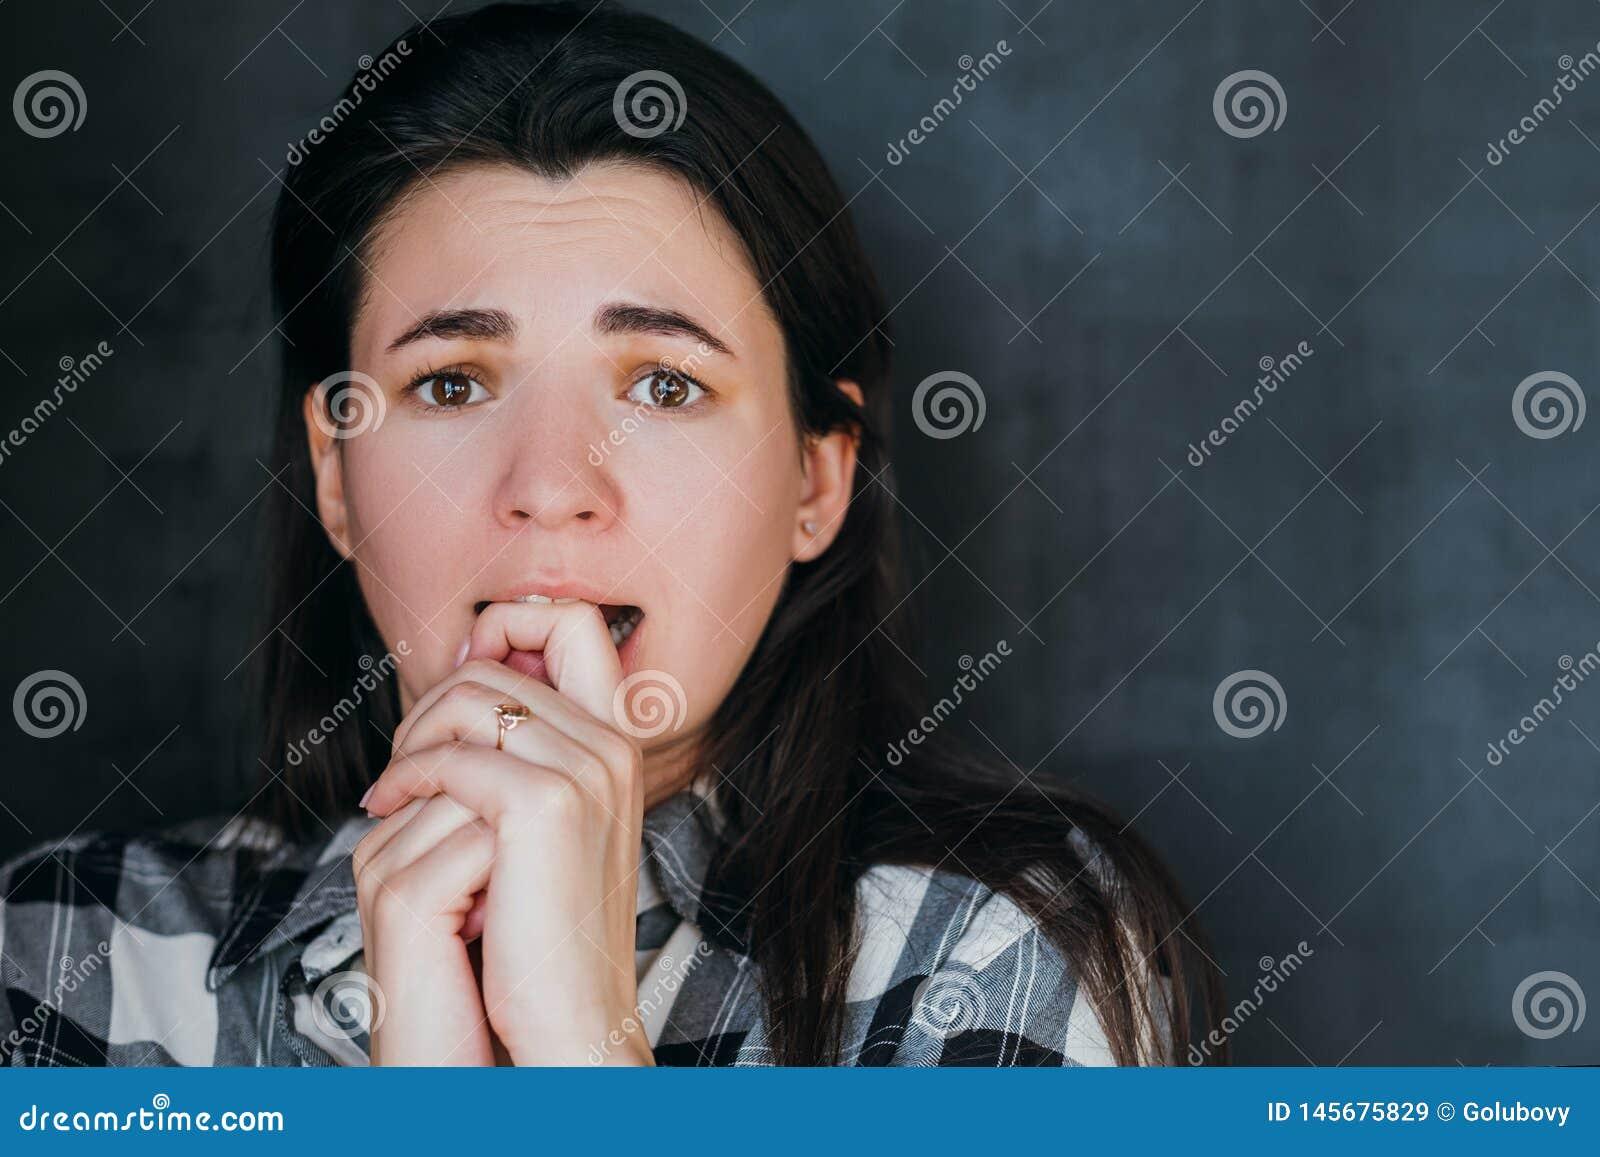 Erschrockene Frau zerreißt Leidphobien-Gesichtsausdruck